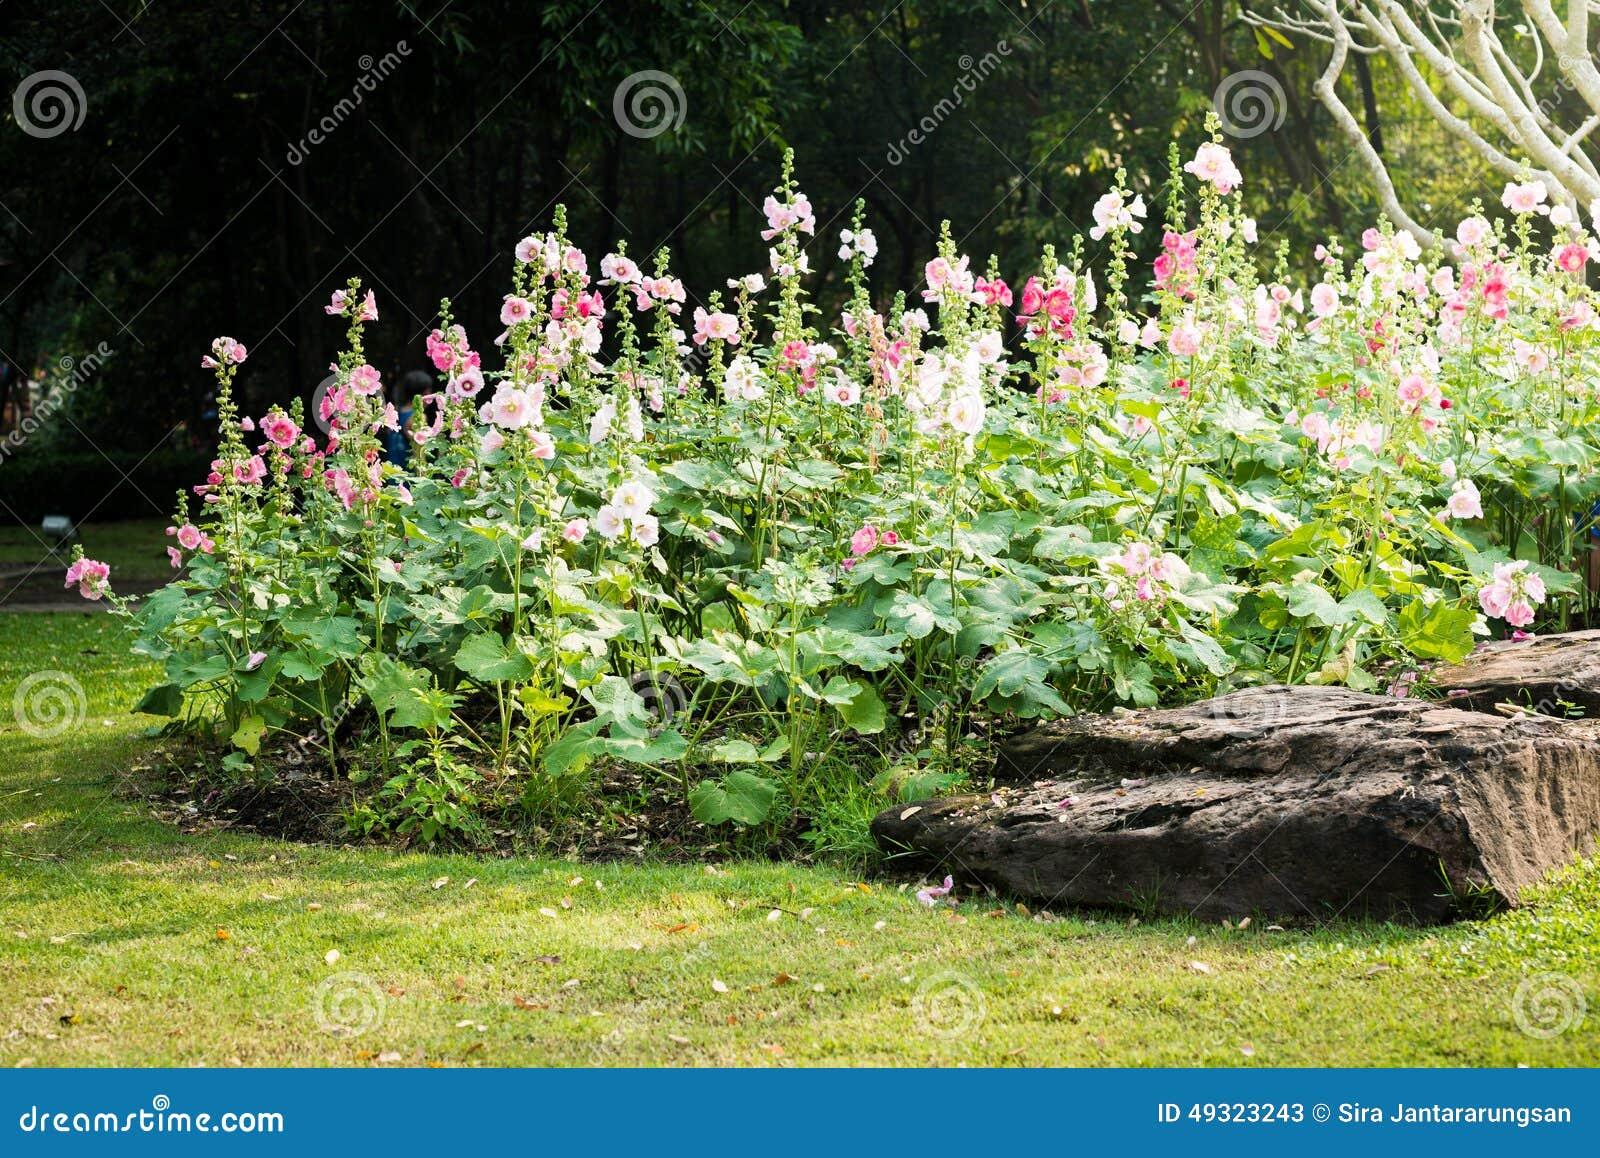 fleur rose et blanche de rose tr mi re image stock image. Black Bedroom Furniture Sets. Home Design Ideas